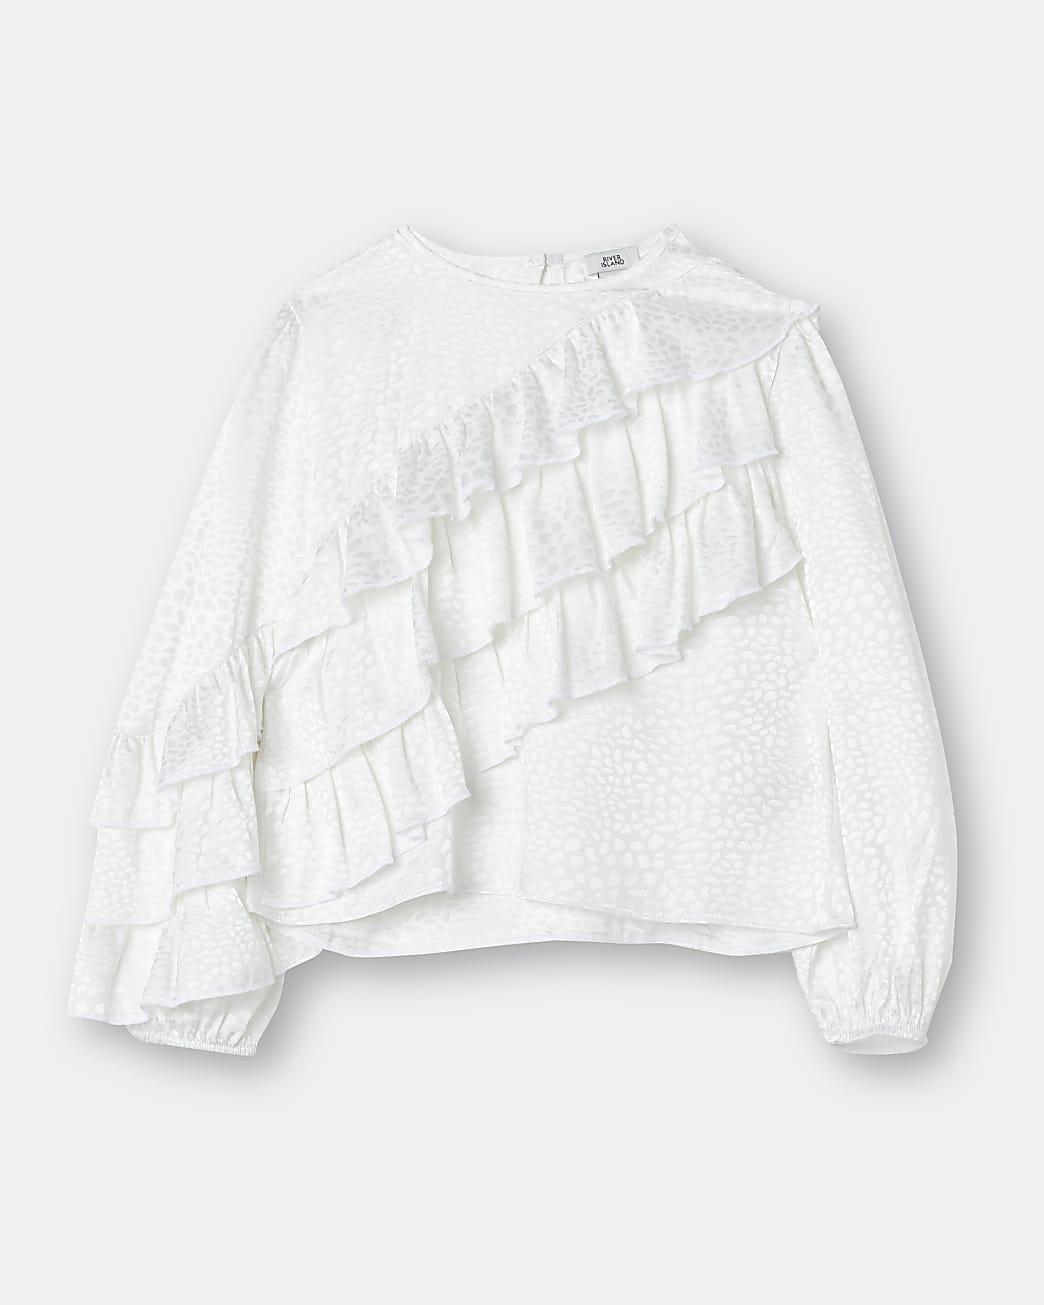 Girls white ruffle animal print blouse